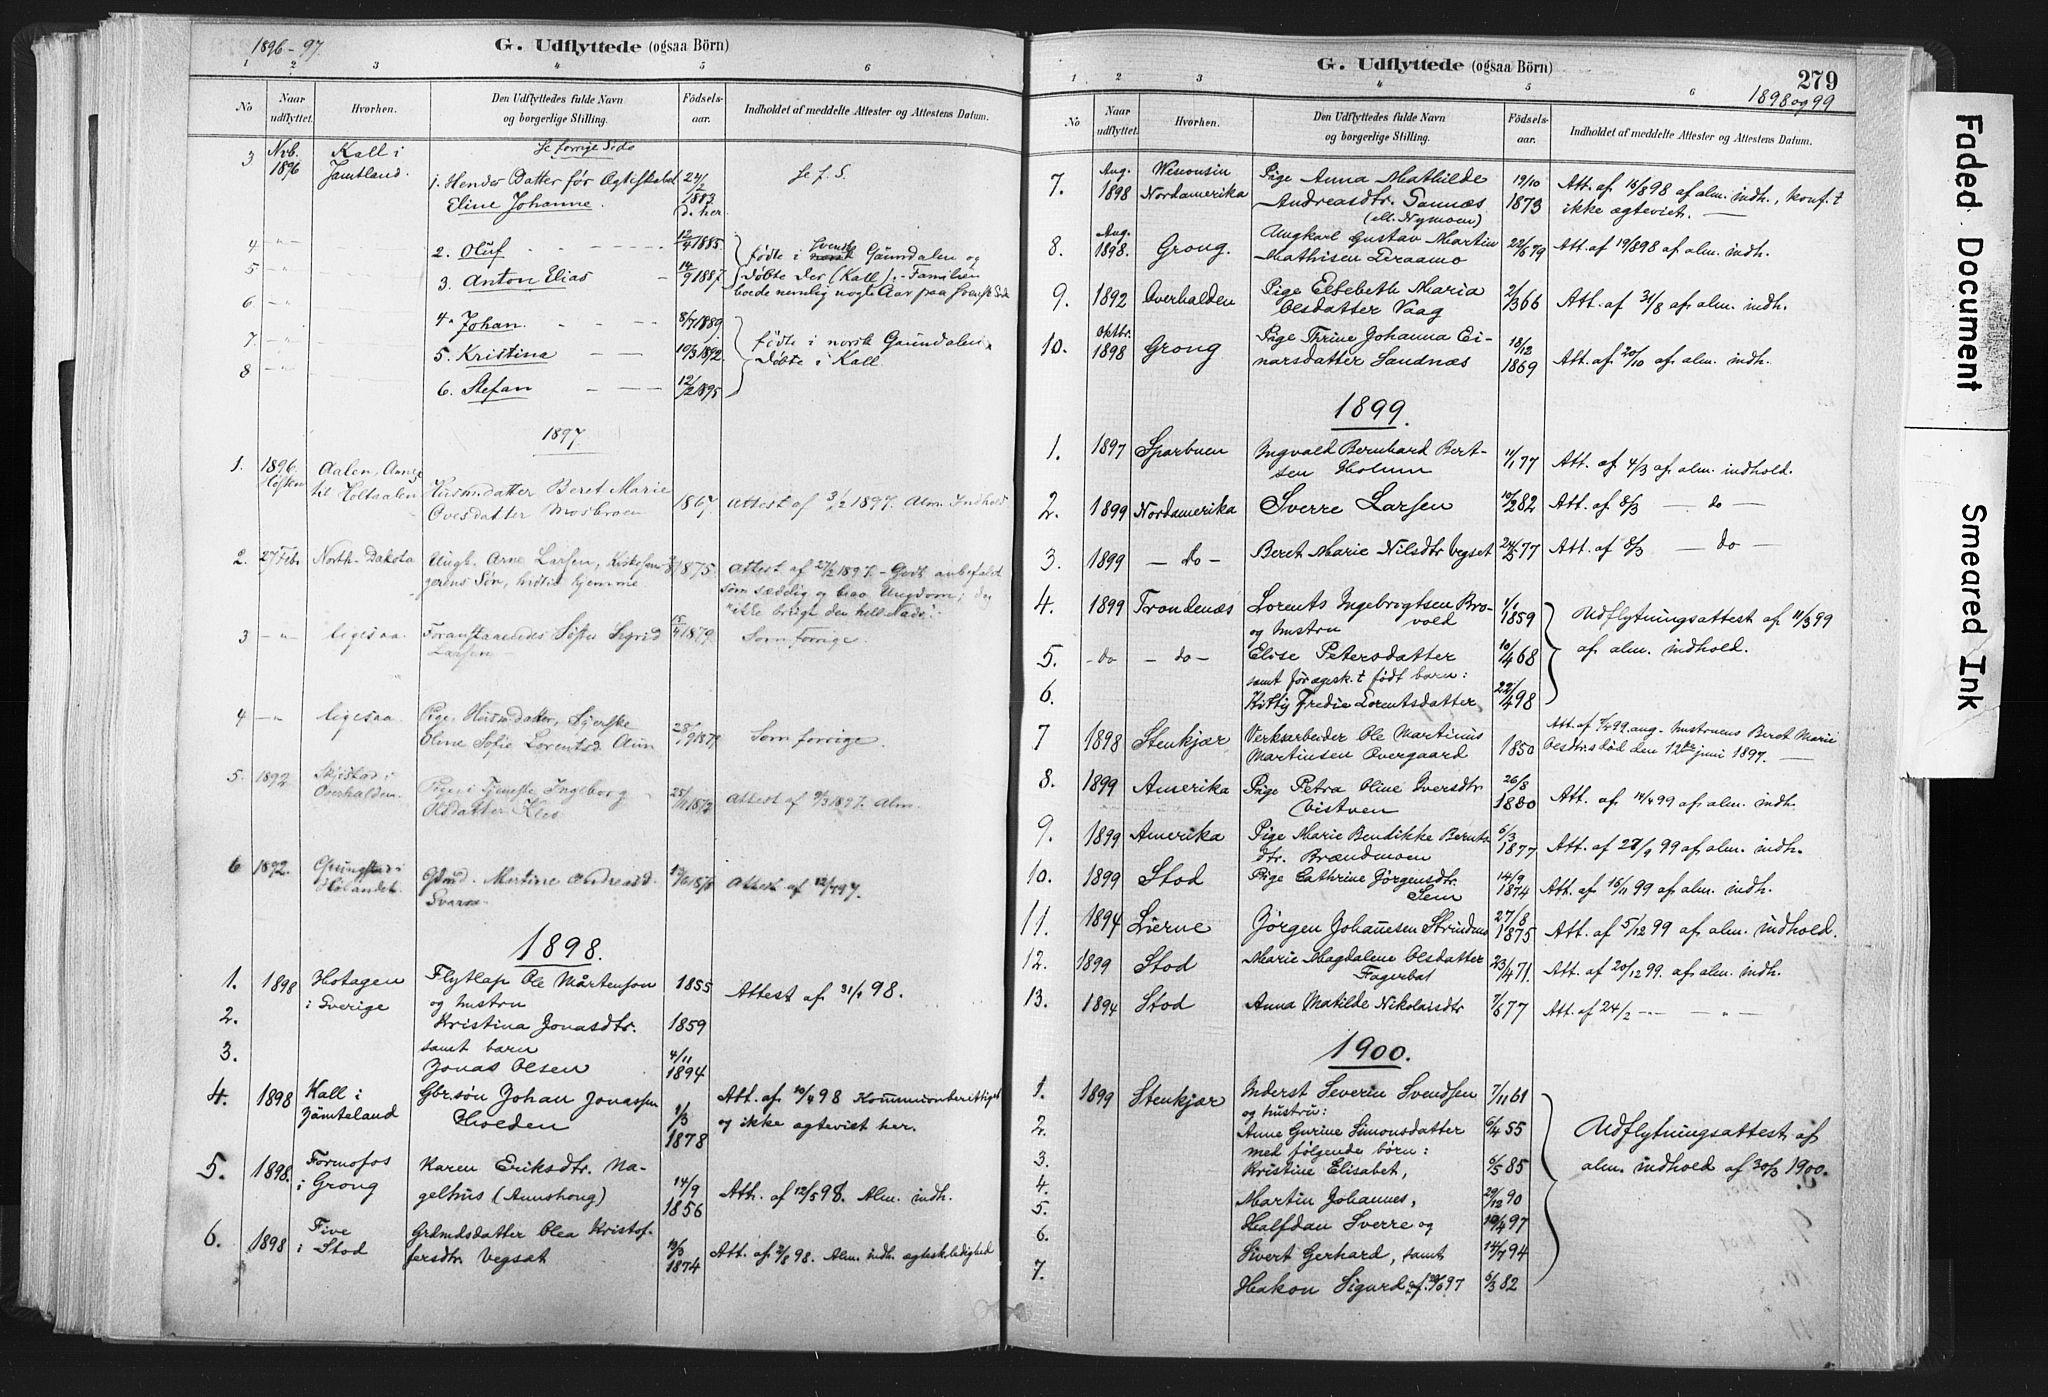 SAT, Ministerialprotokoller, klokkerbøker og fødselsregistre - Nord-Trøndelag, 749/L0474: Ministerialbok nr. 749A08, 1887-1903, s. 279